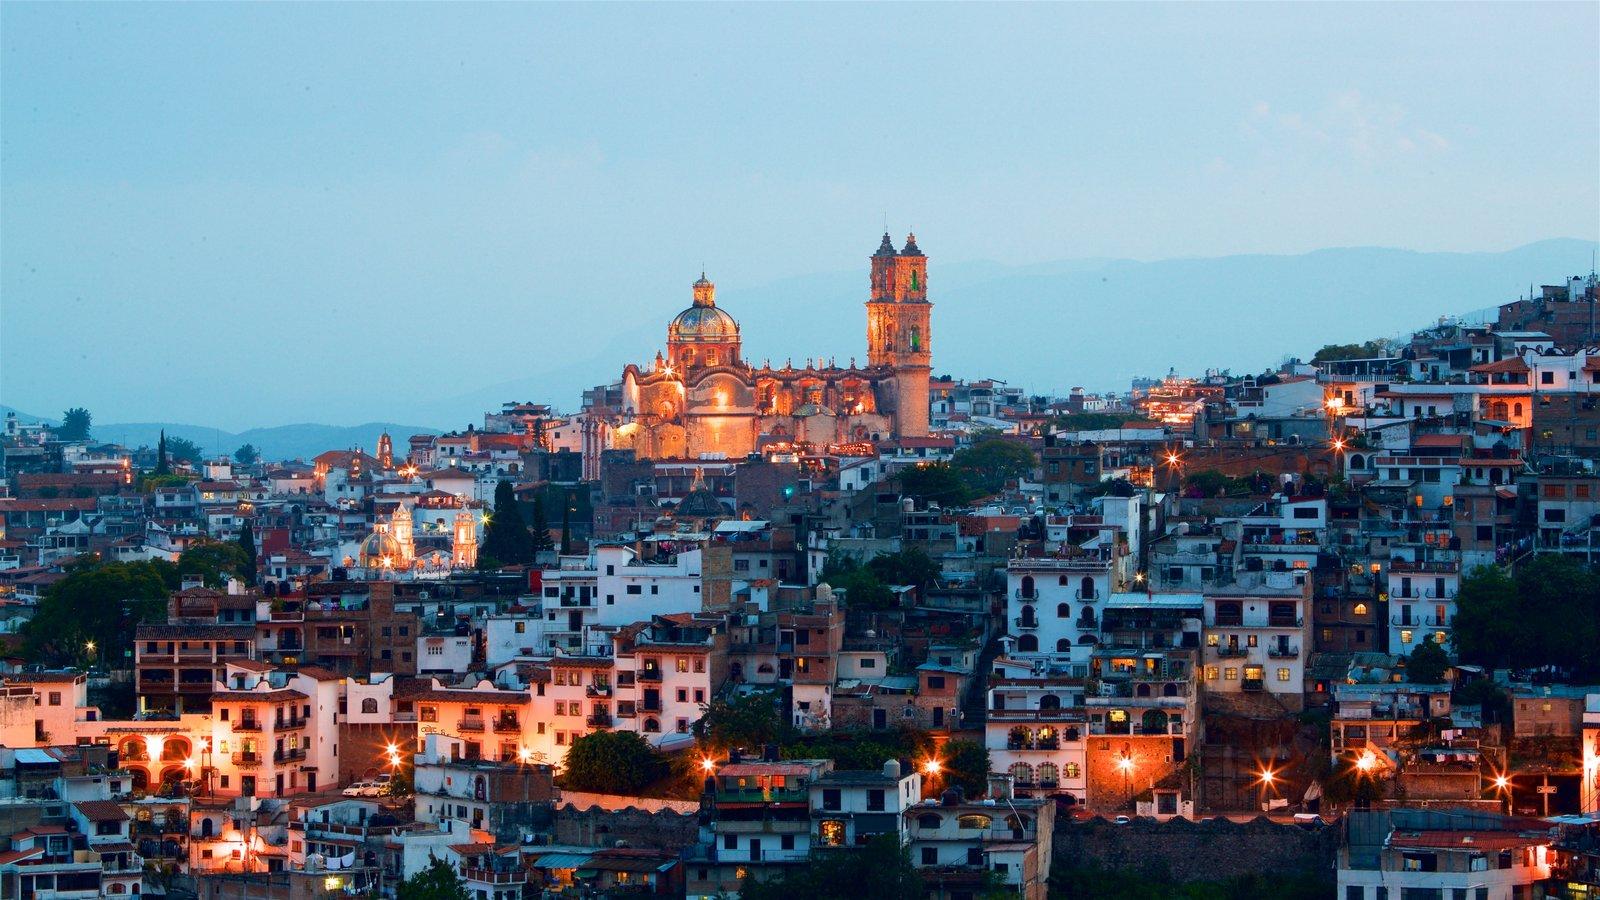 Catedral Santa Prisca que incluye una puesta de sol, una ciudad y vistas de paisajes